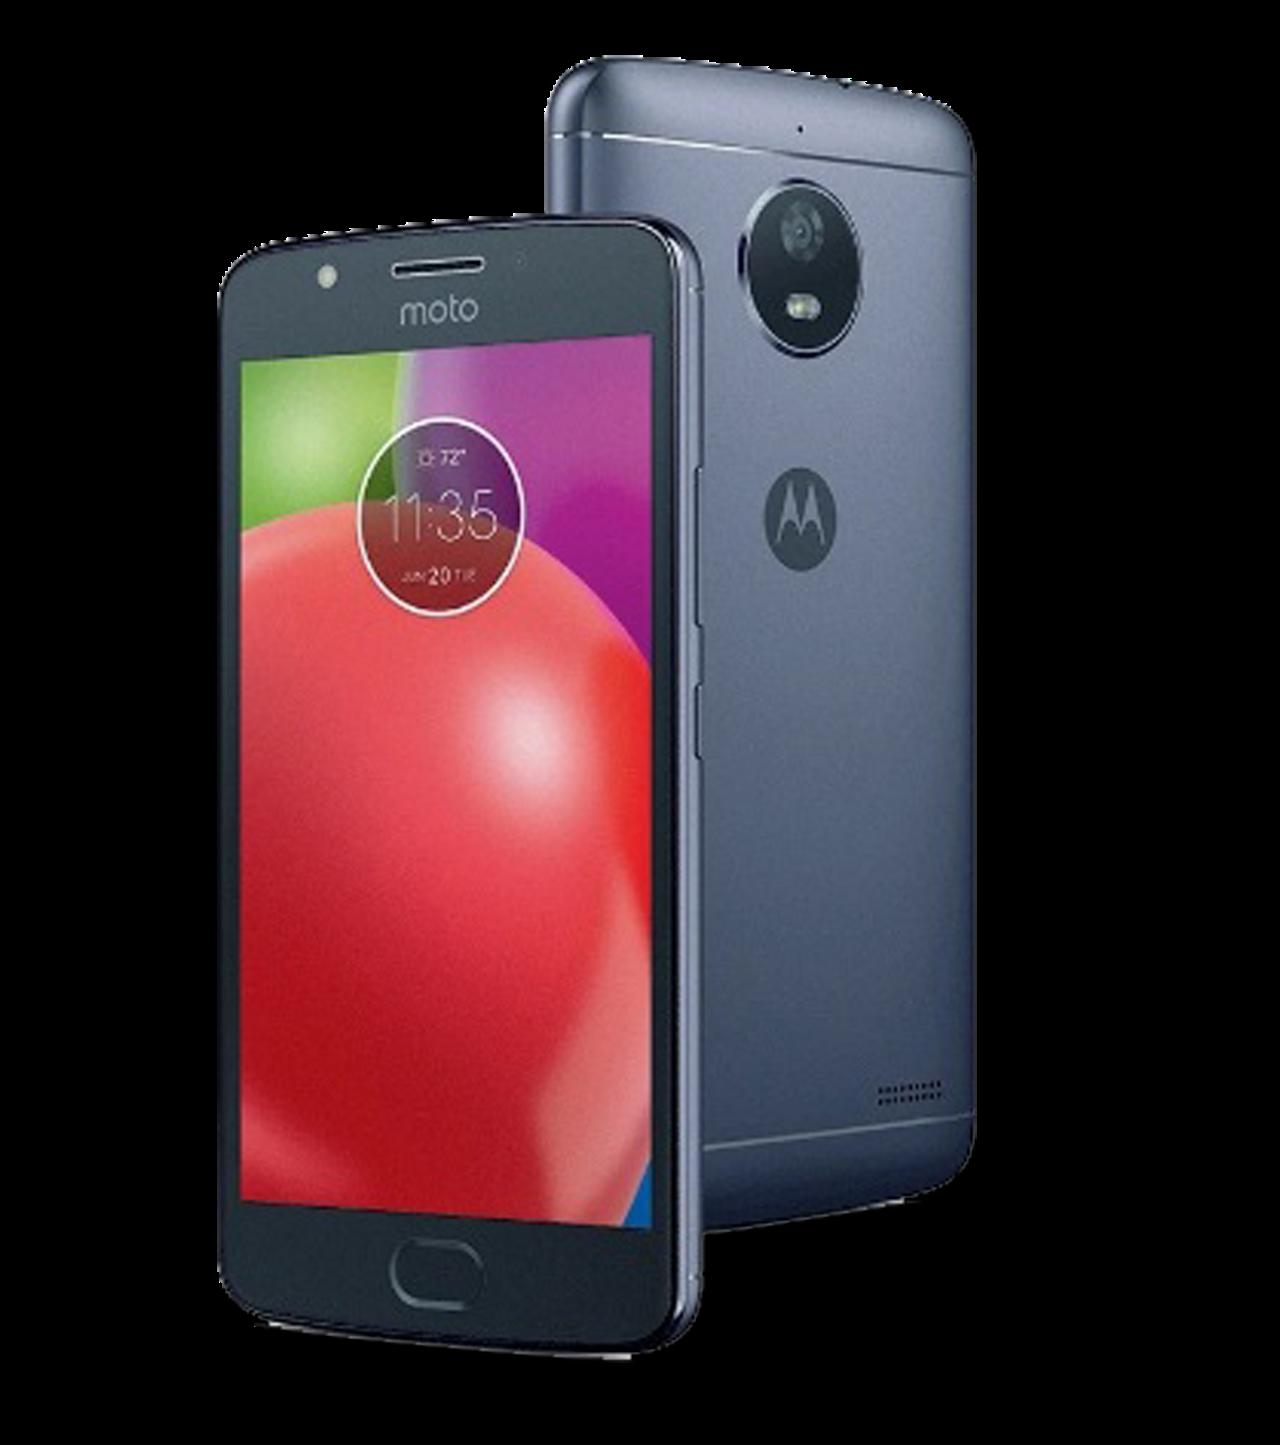 Kelebihan dan Kekurangan Motorola Moto E4